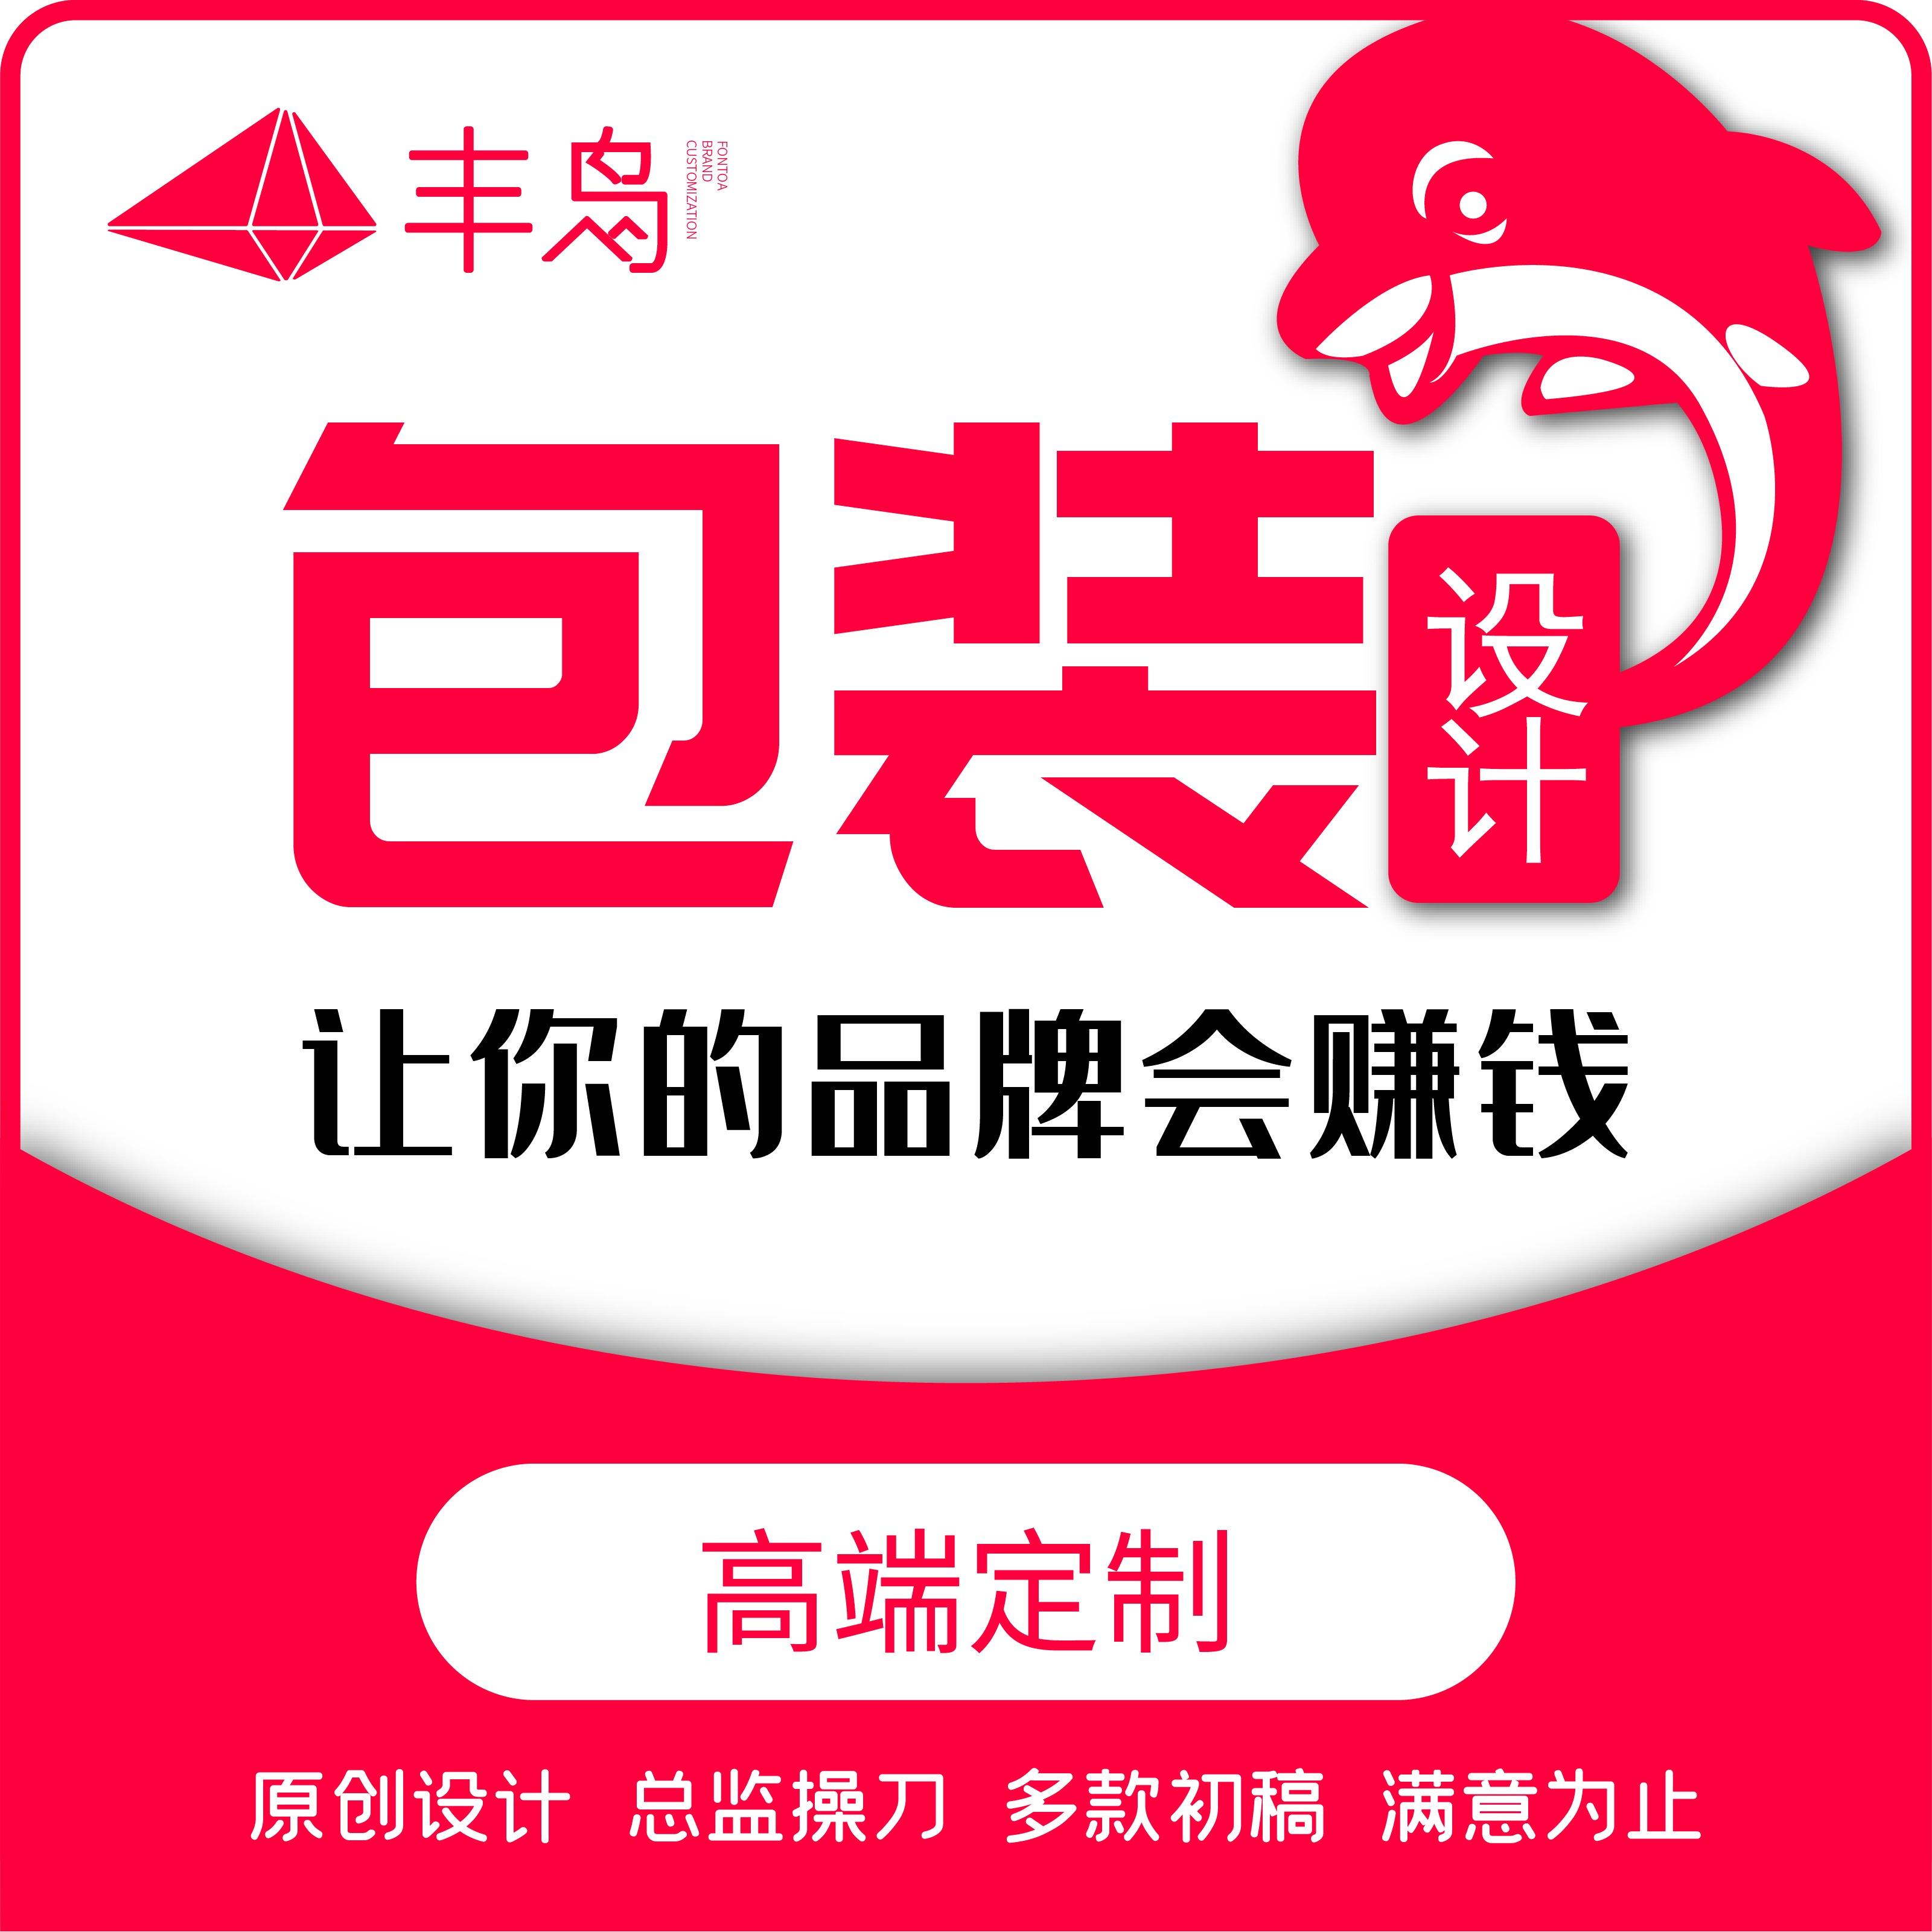 包装袋设计食品袋密封袋牛皮纸商务中国风科技田园风电商网红